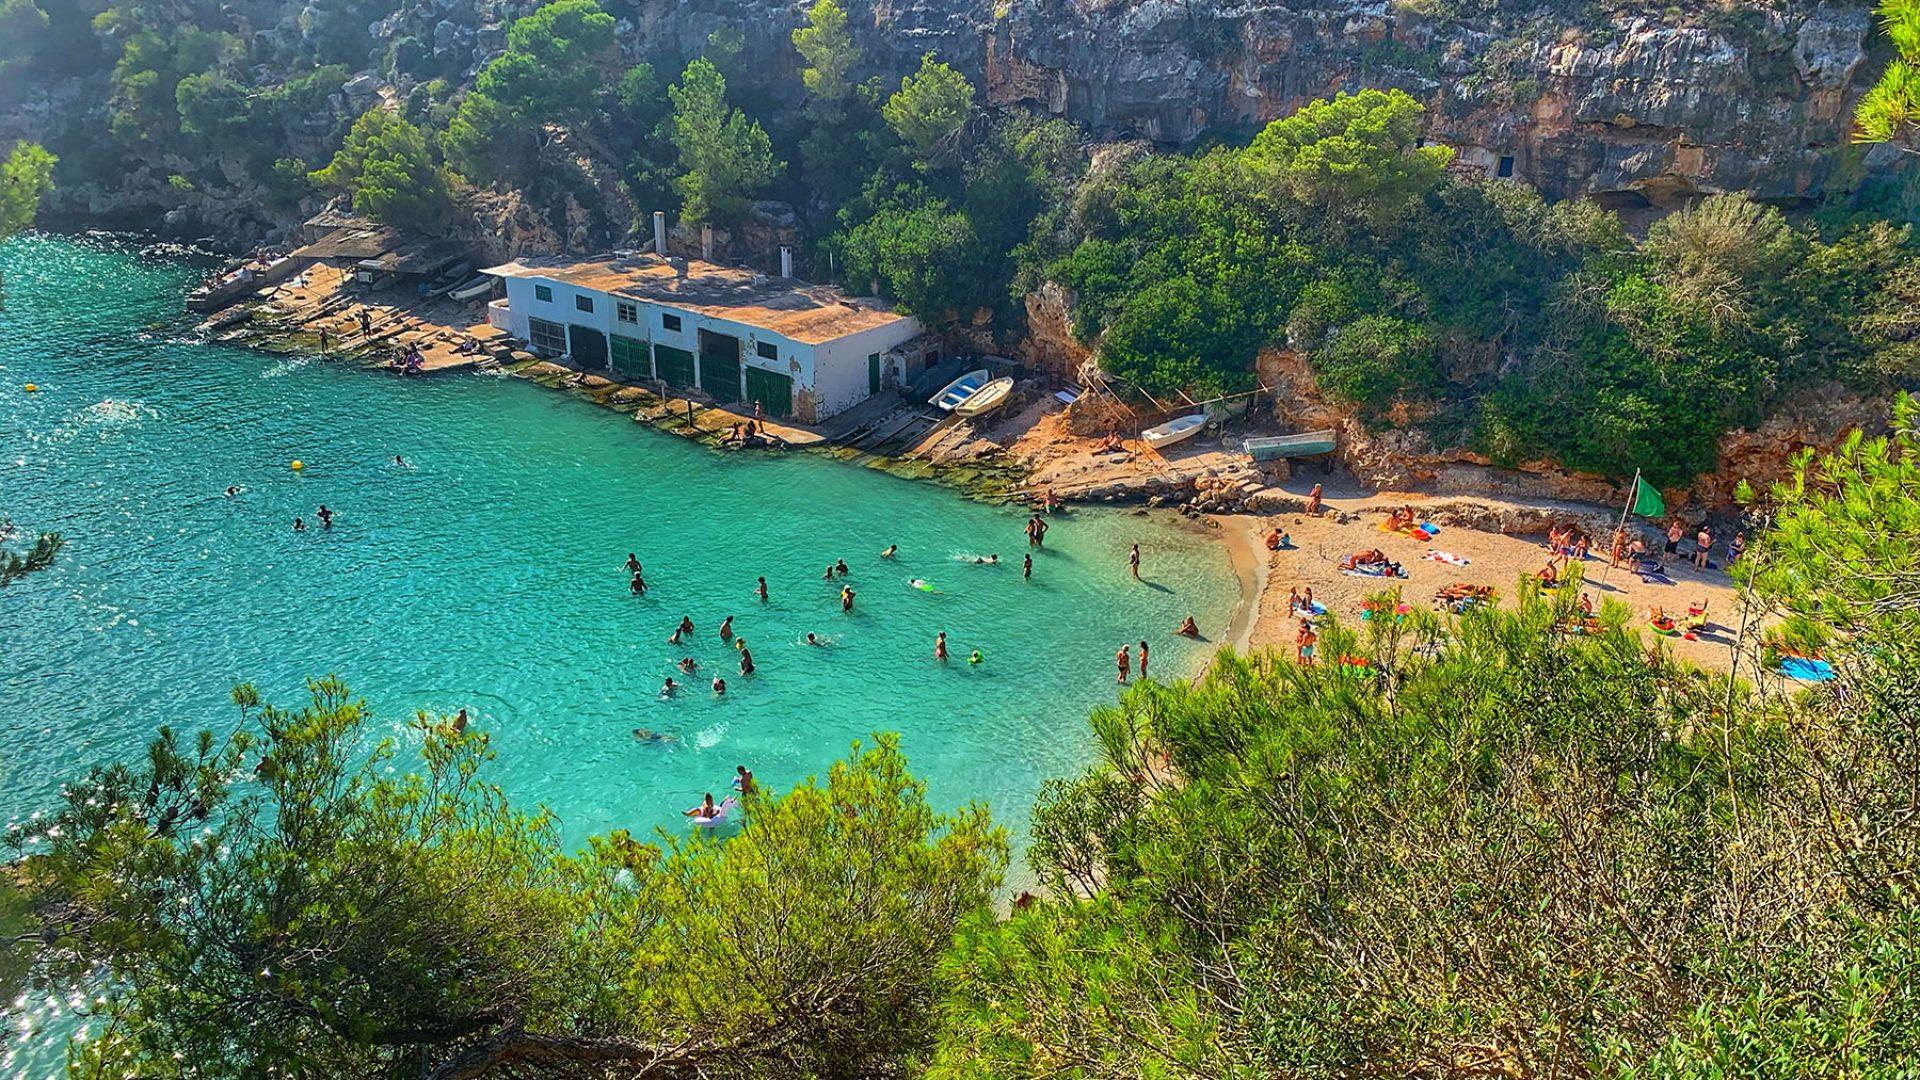 Lakes in Spain